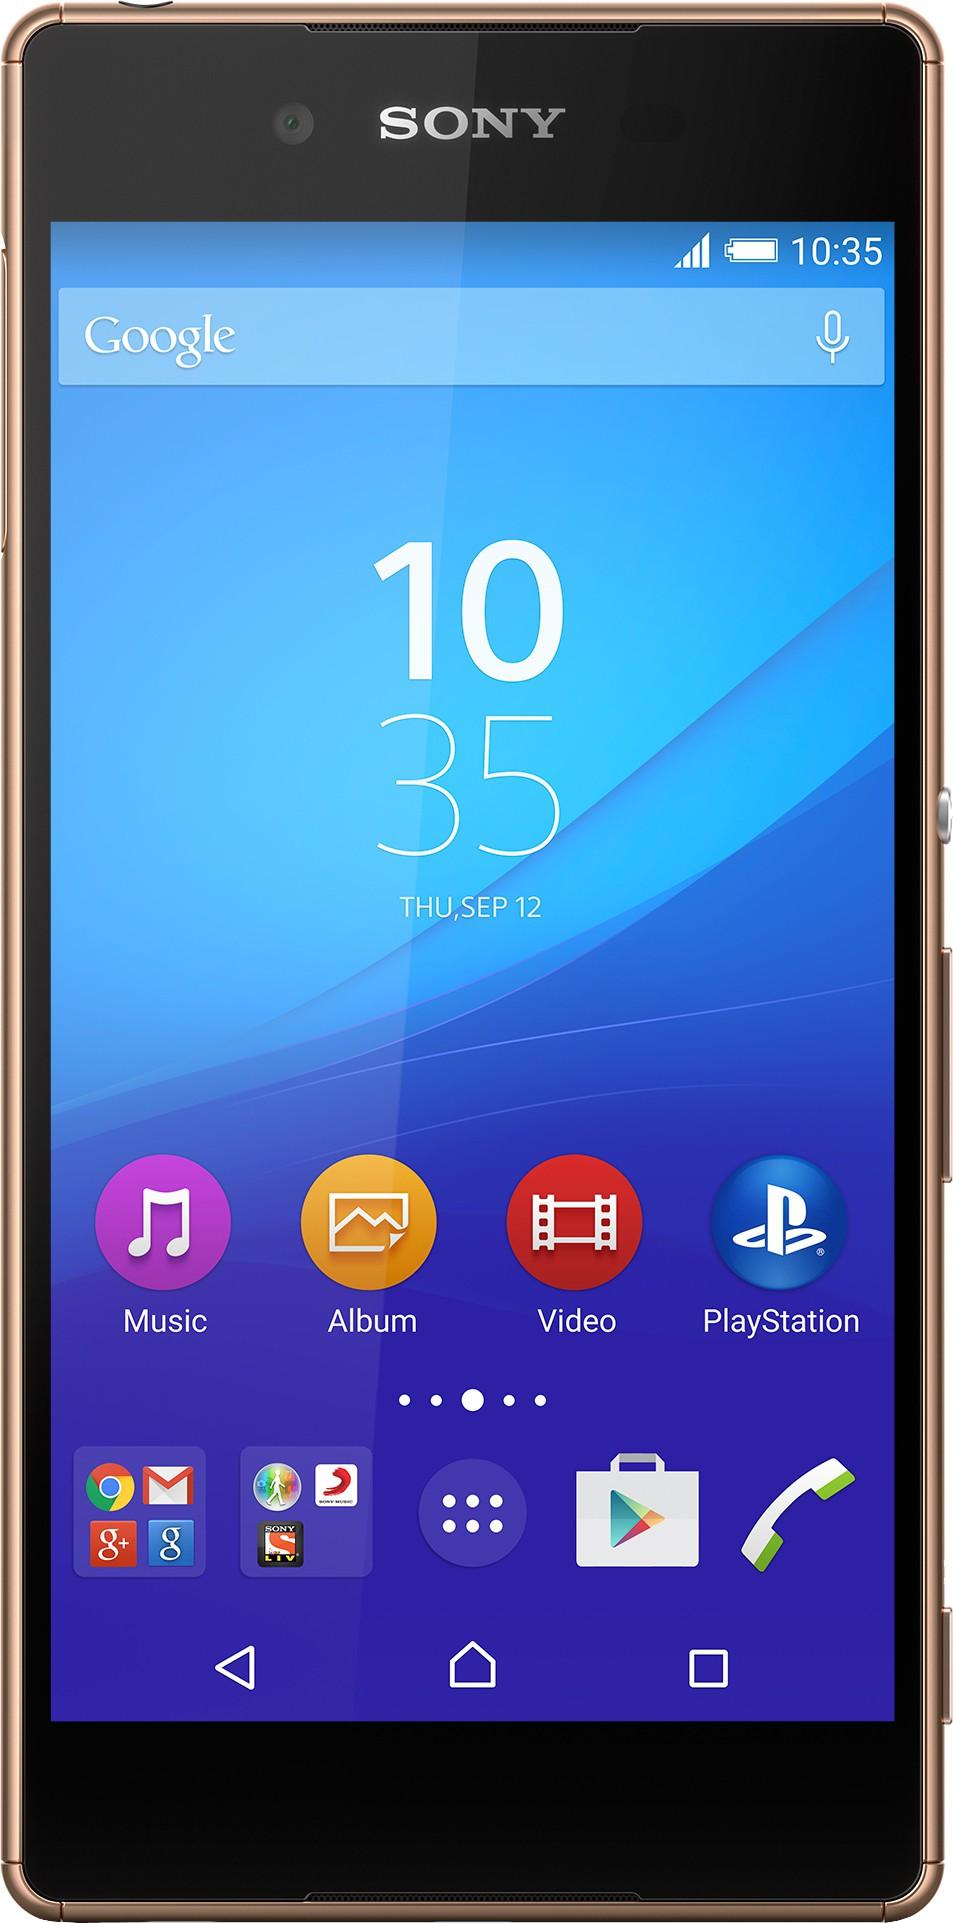 Sony Xperia Z3 Plus (3GB RAM, 32GB)